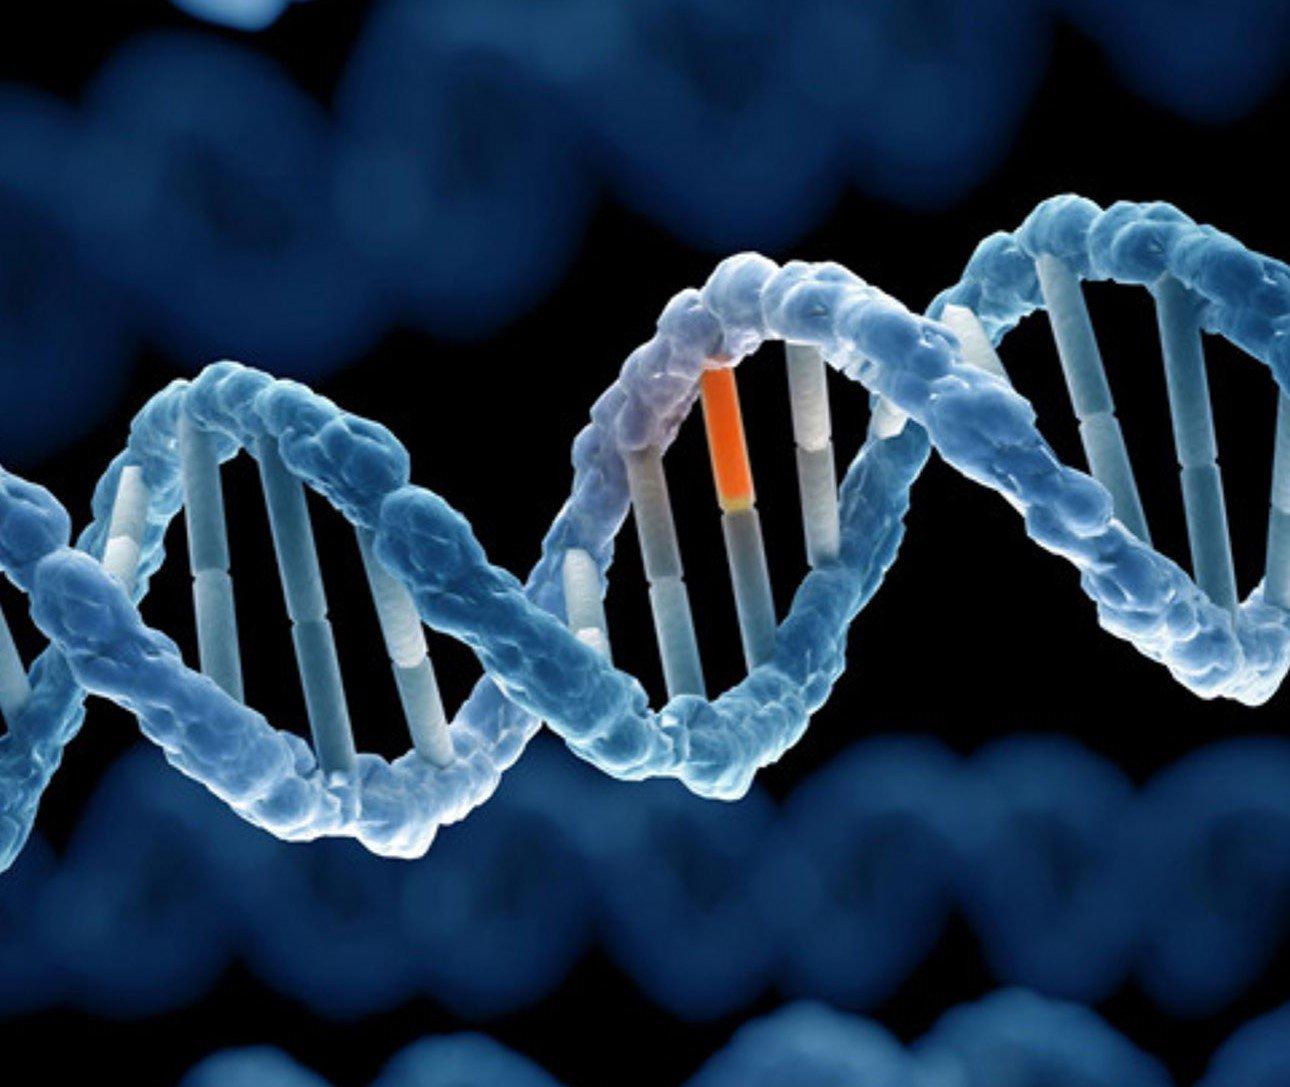 Gen là gì? Rối loạn di truyền là gì? | Vinmec